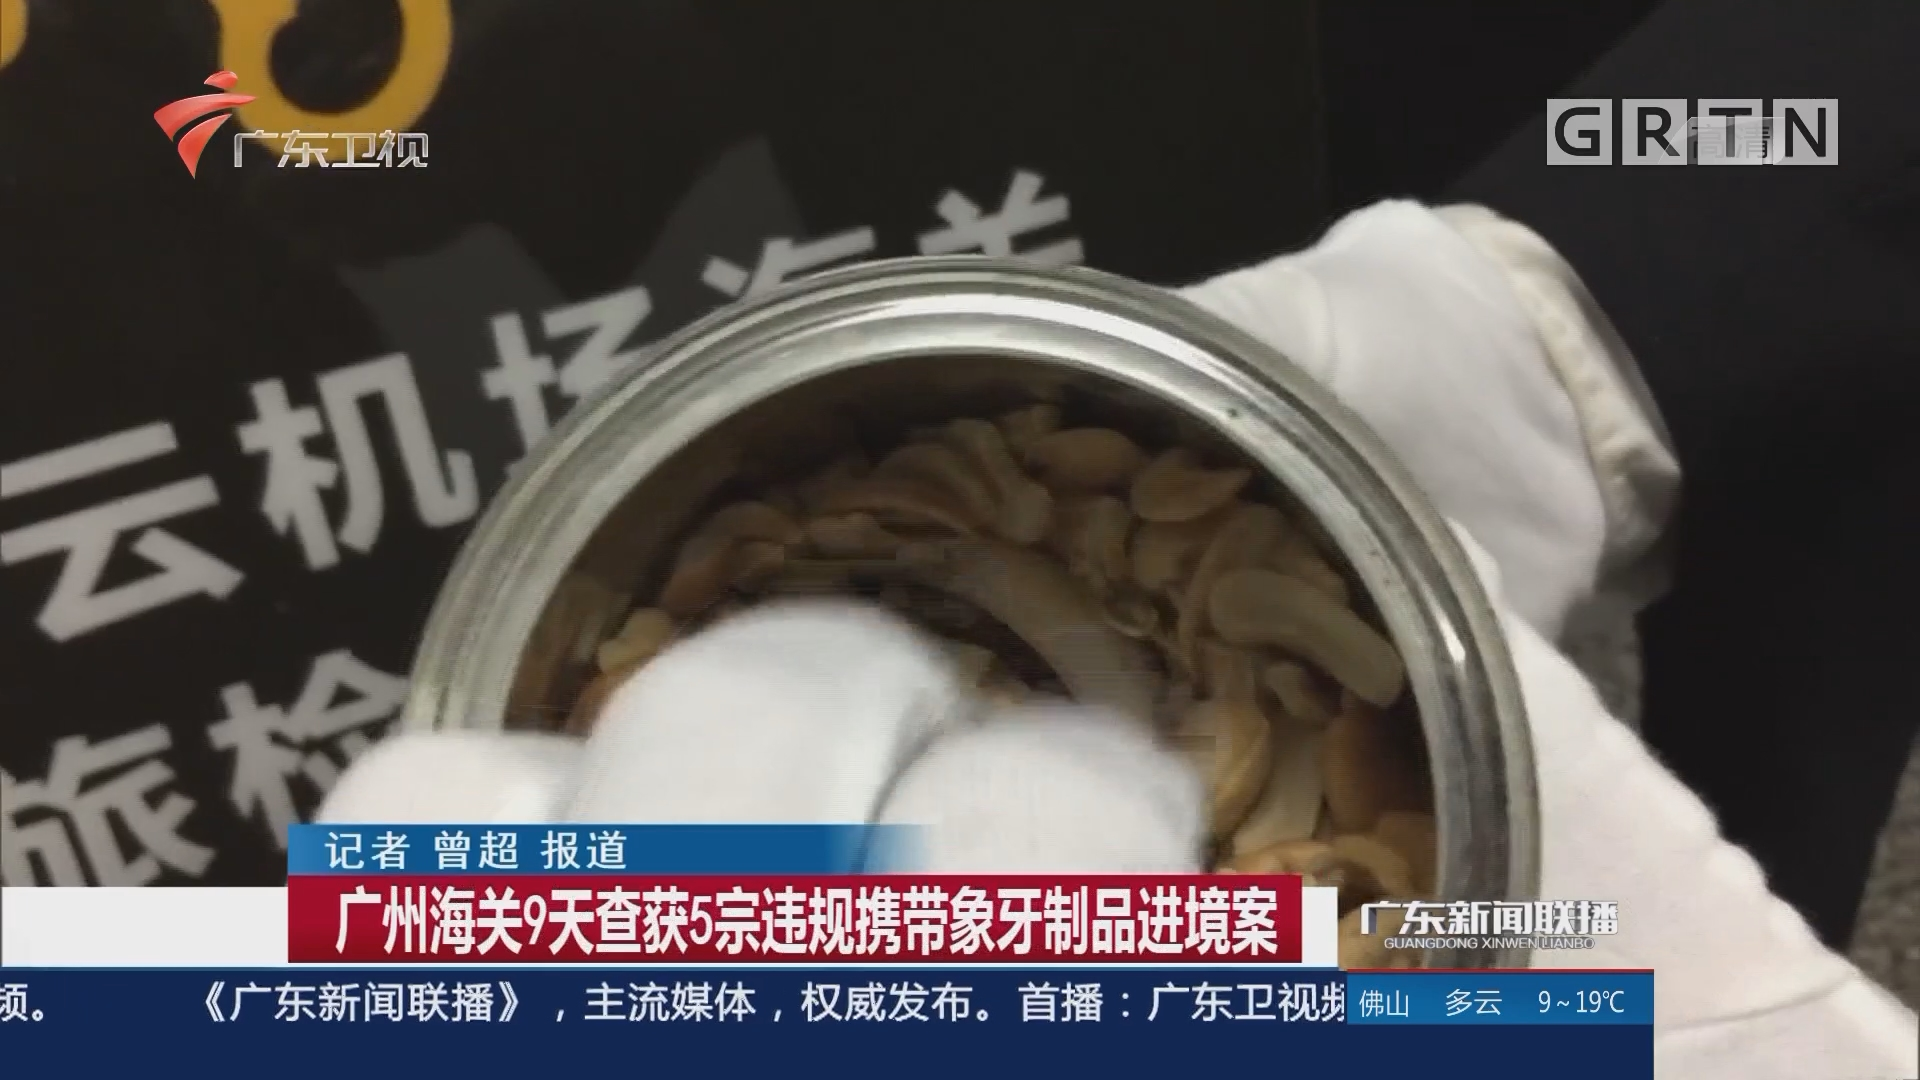 广州海关9天查获5宗违规携带象牙制品进境案